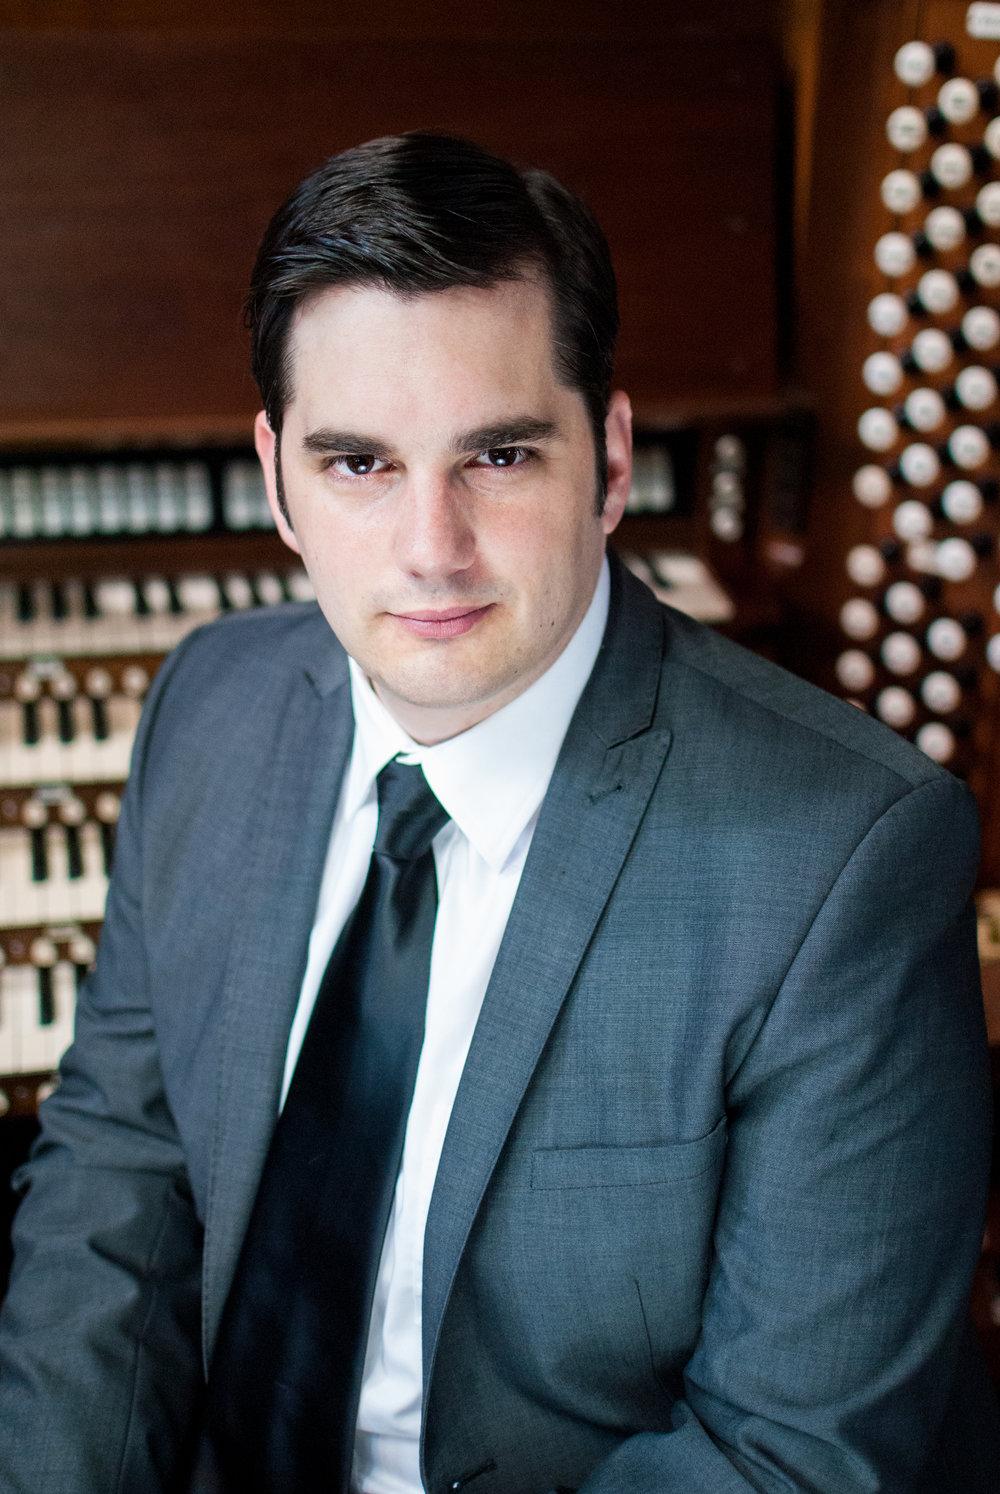 bradley-burgess-organist.jpg